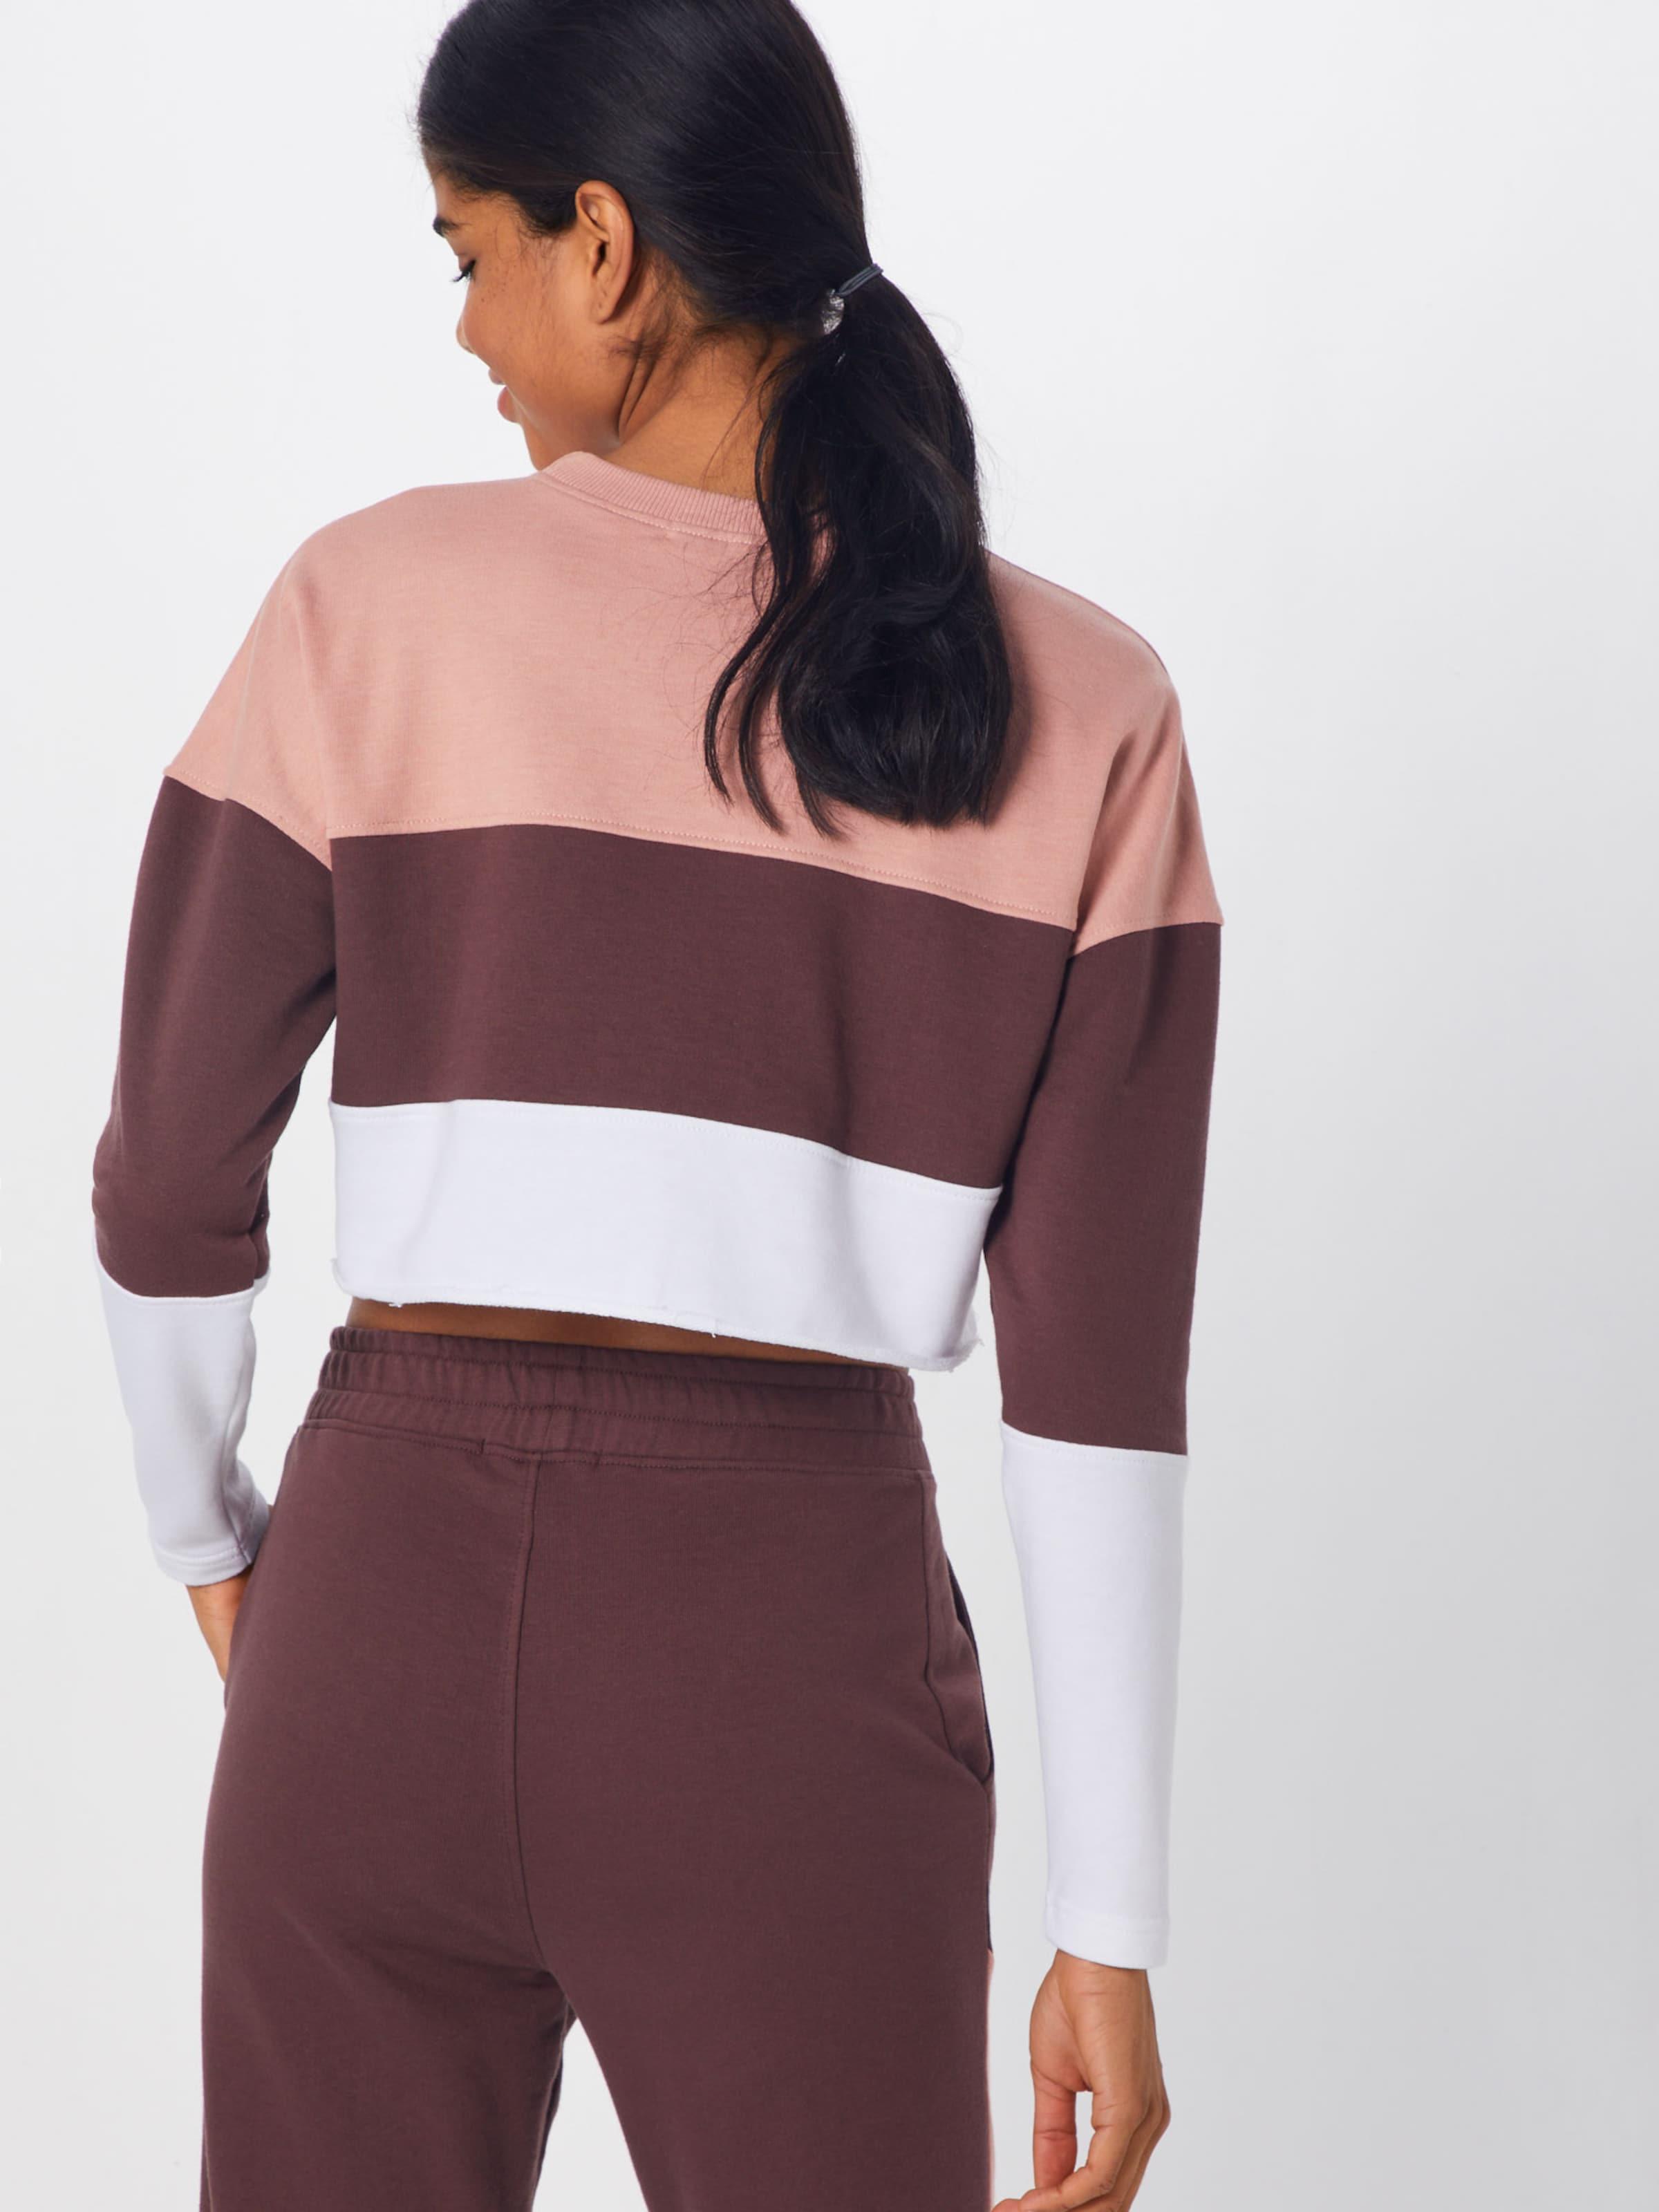 Sweatshirt In Sweatshirt Weiß In CamelBraun Missguided Missguided BxdeCro